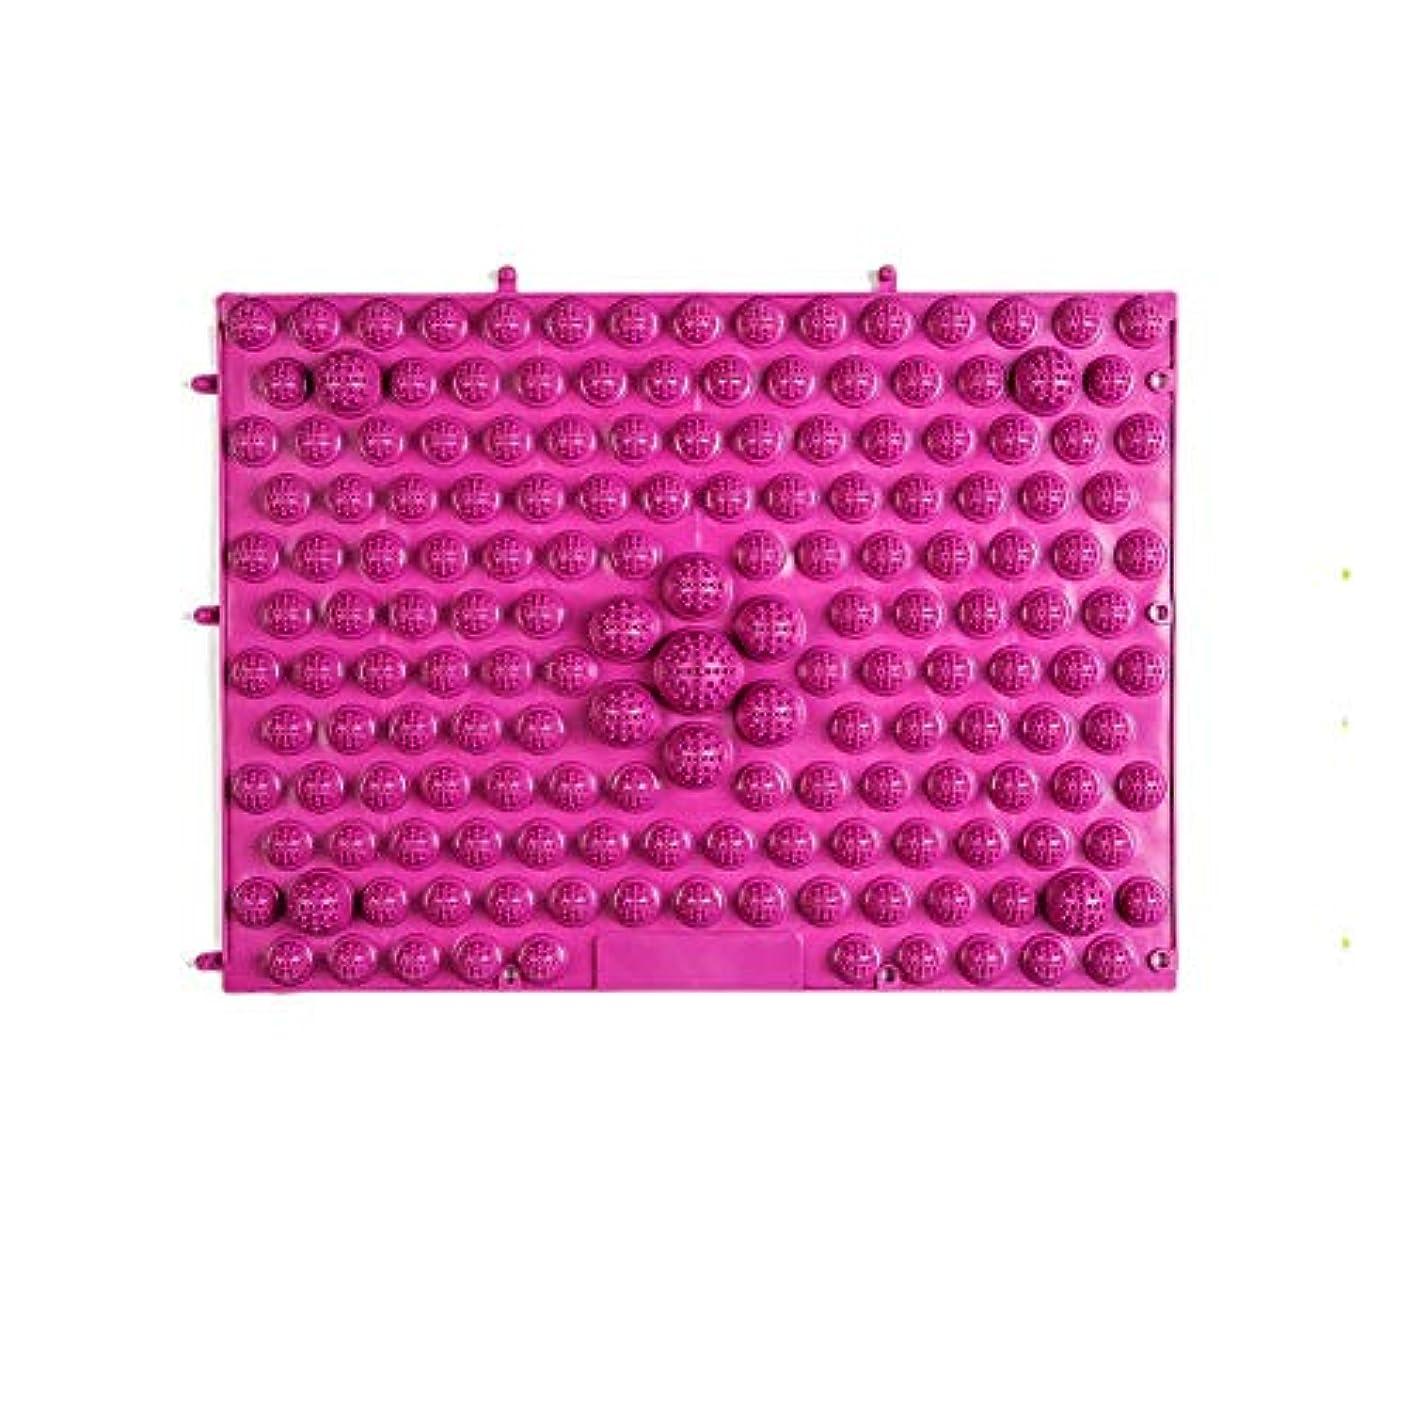 はっきりしない柔和基準ウォークマット 裏板セット(ABS樹脂製補強板付き) (レッド)